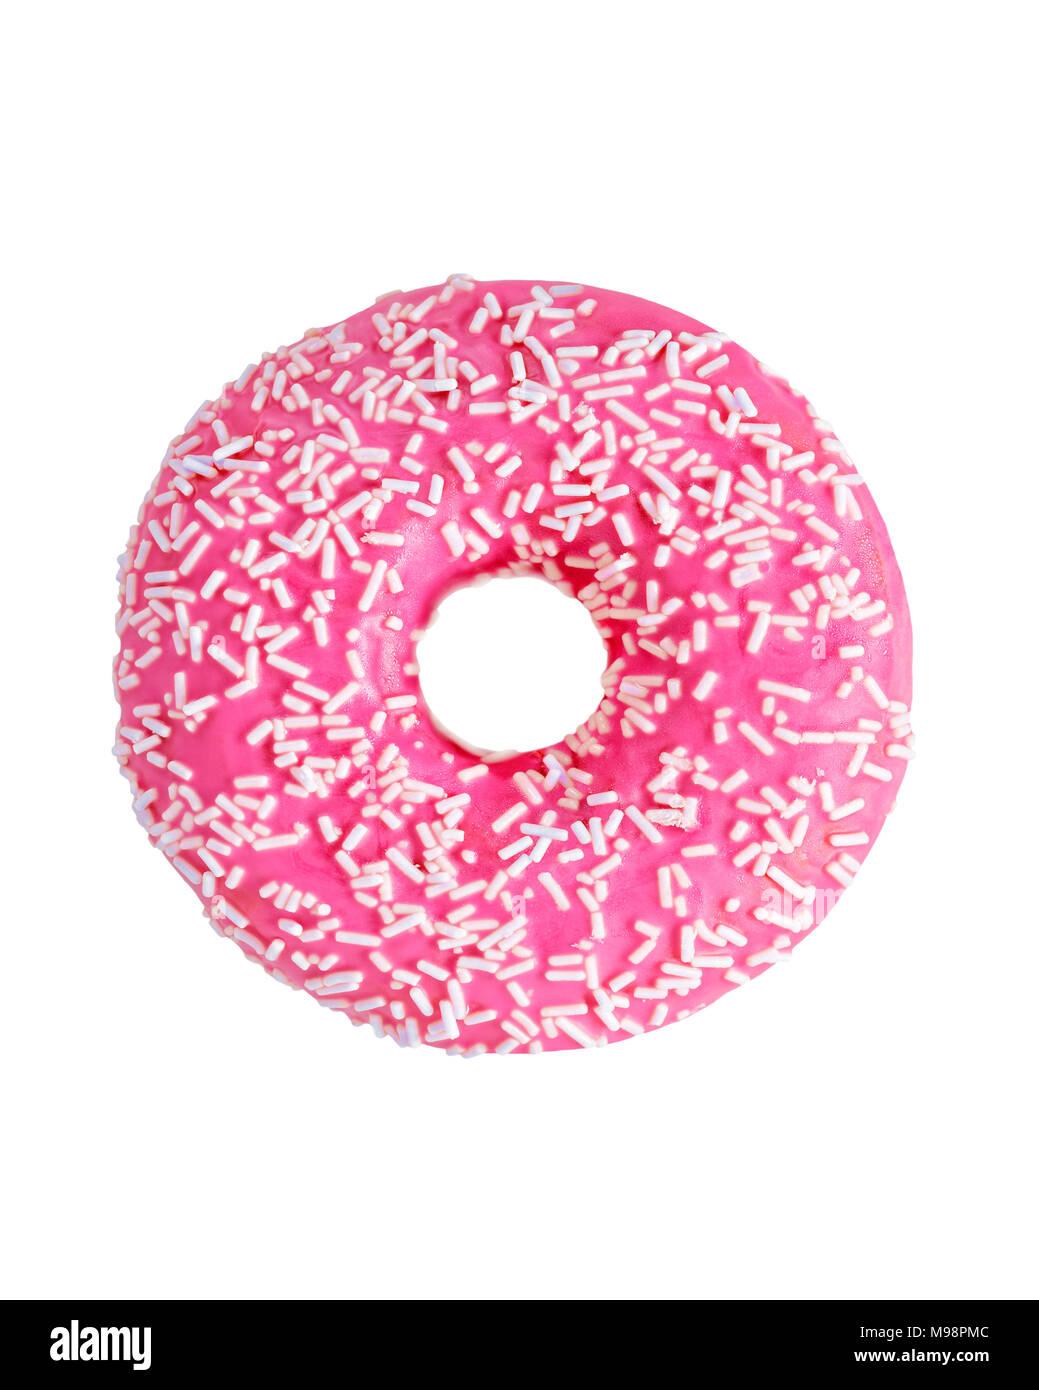 Donut cubierto con glaseado rosa, corte Imagen De Stock